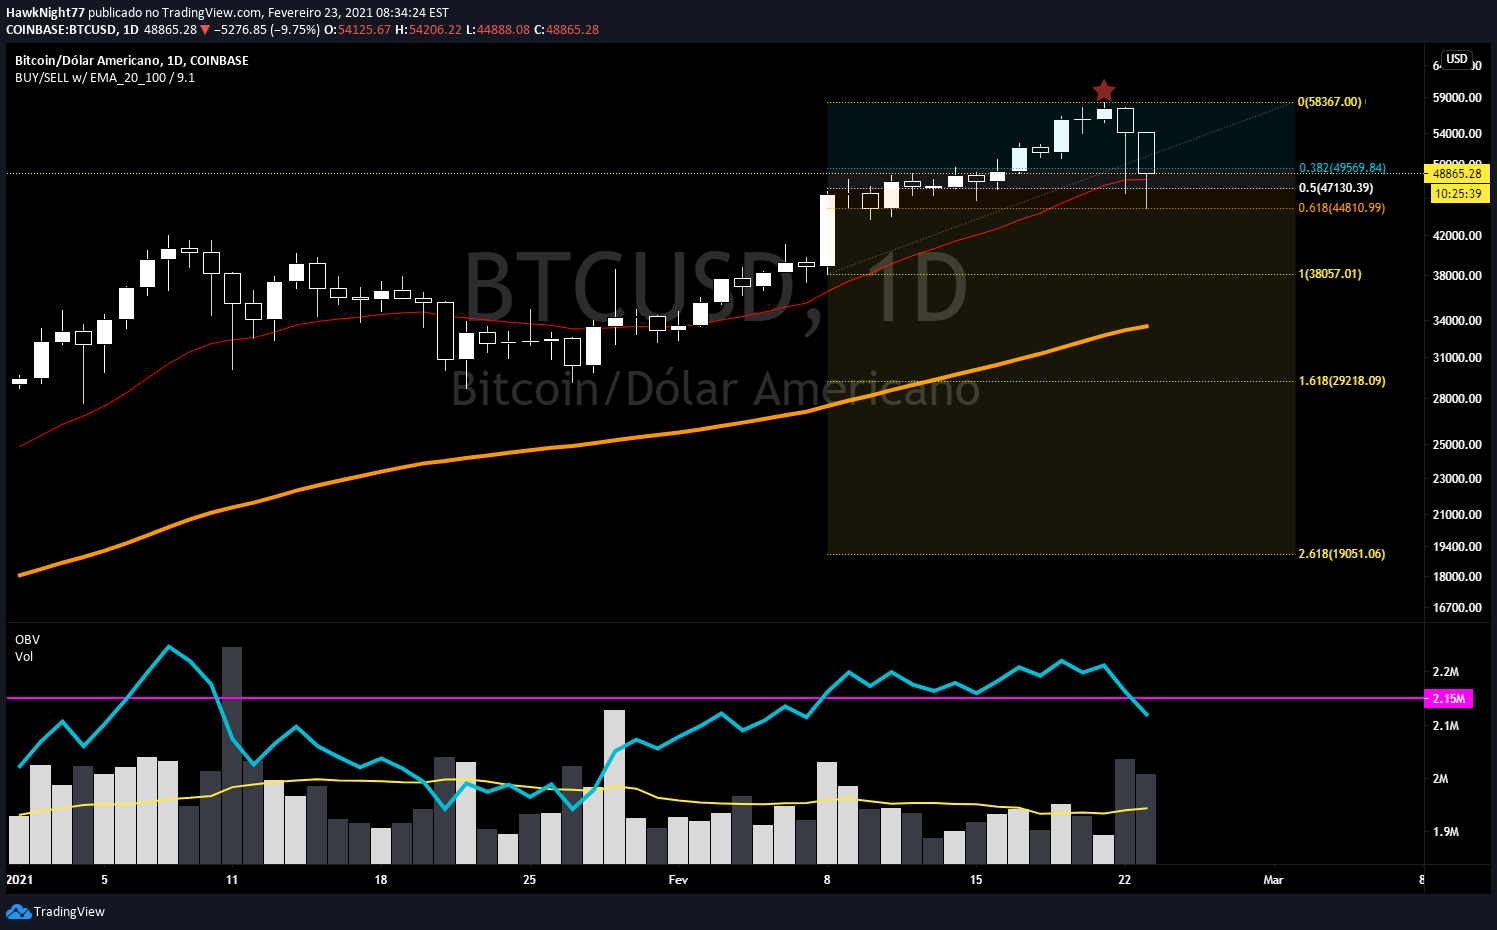 Predicția prețului Bitcoin: BTC continuă să se consolideze peste USD